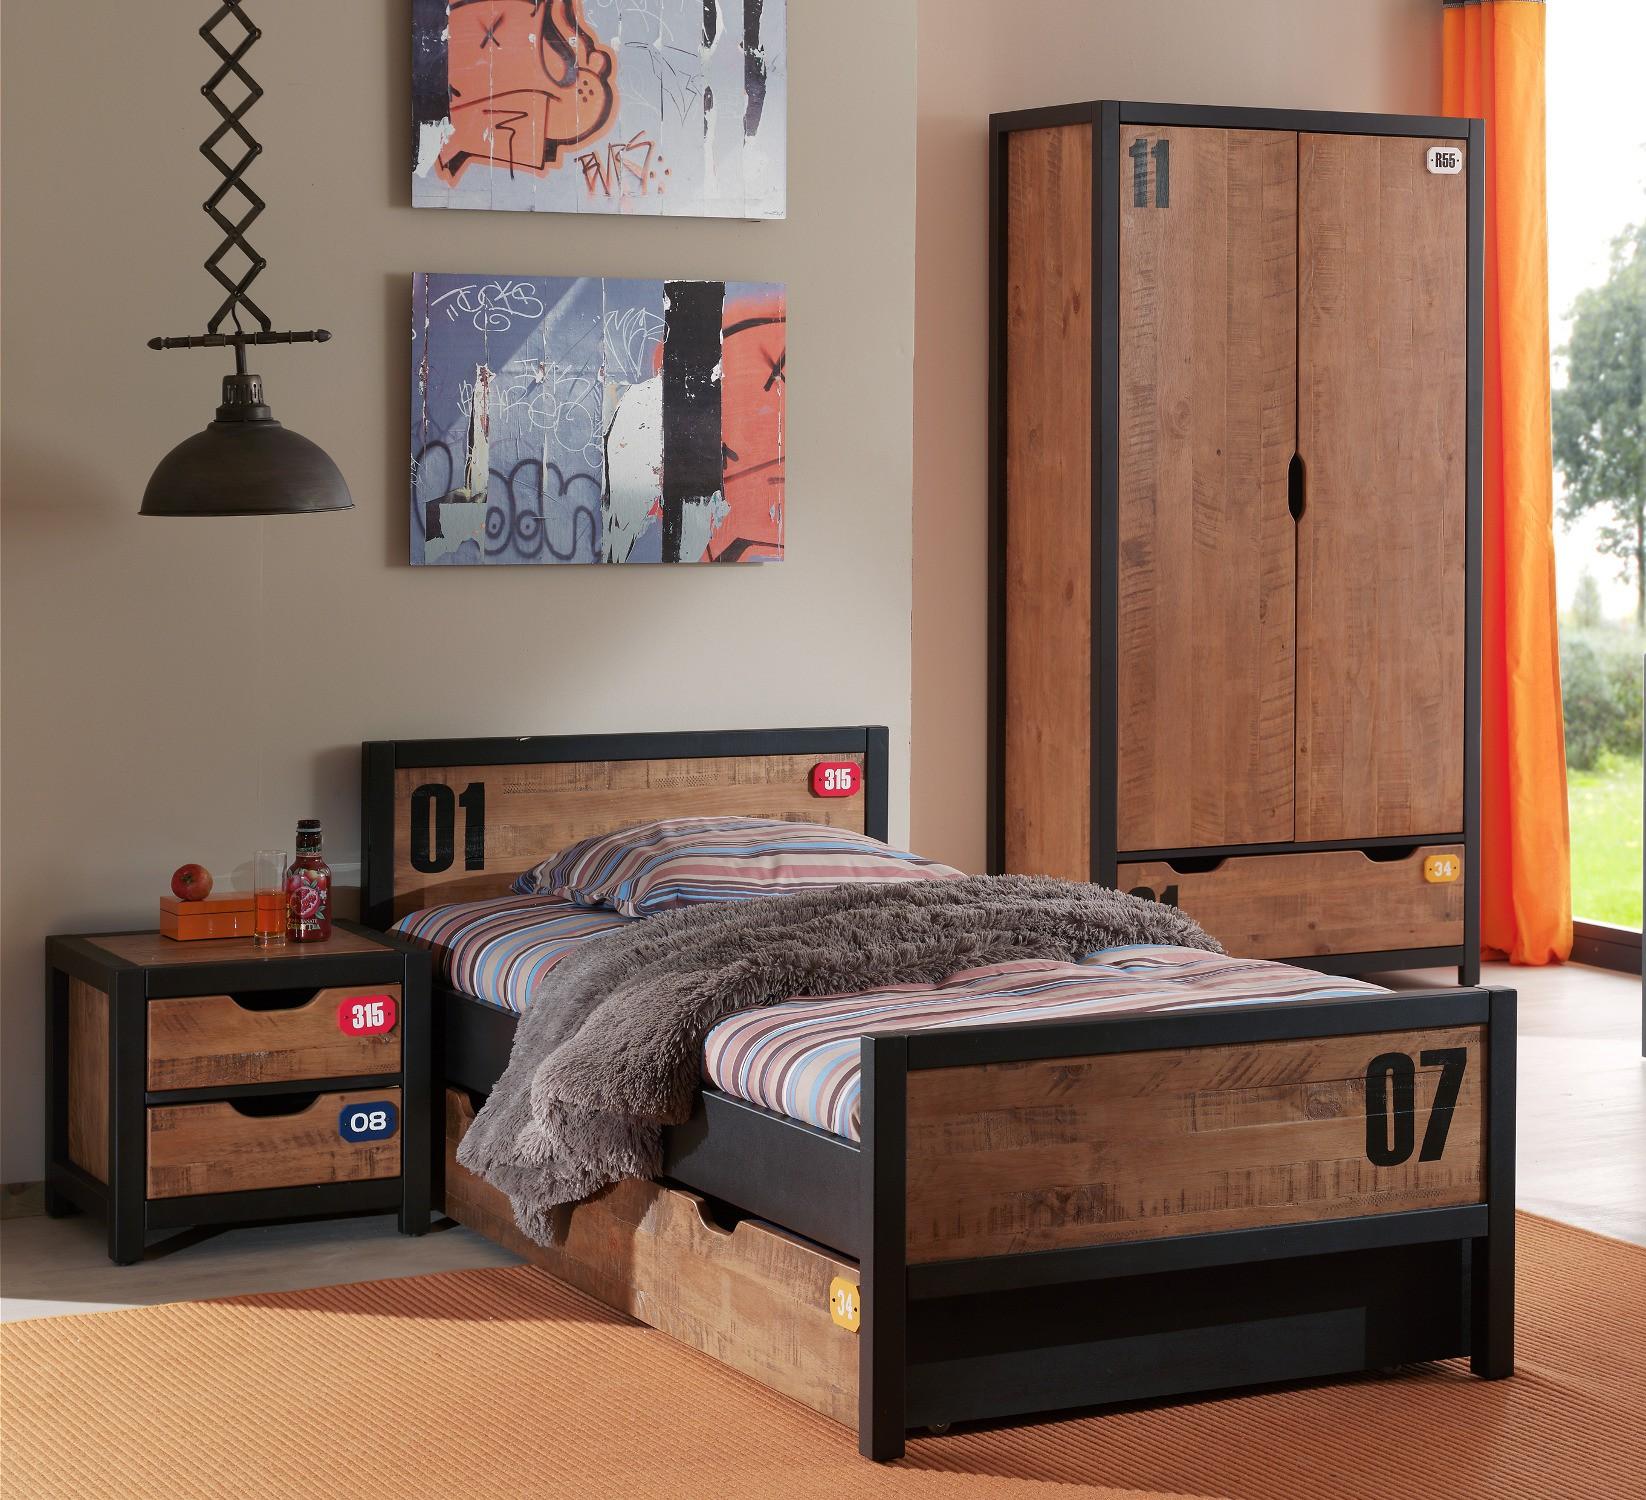 Jugendzimmer Alex Komplett Mit Einzelbett Bettschublade